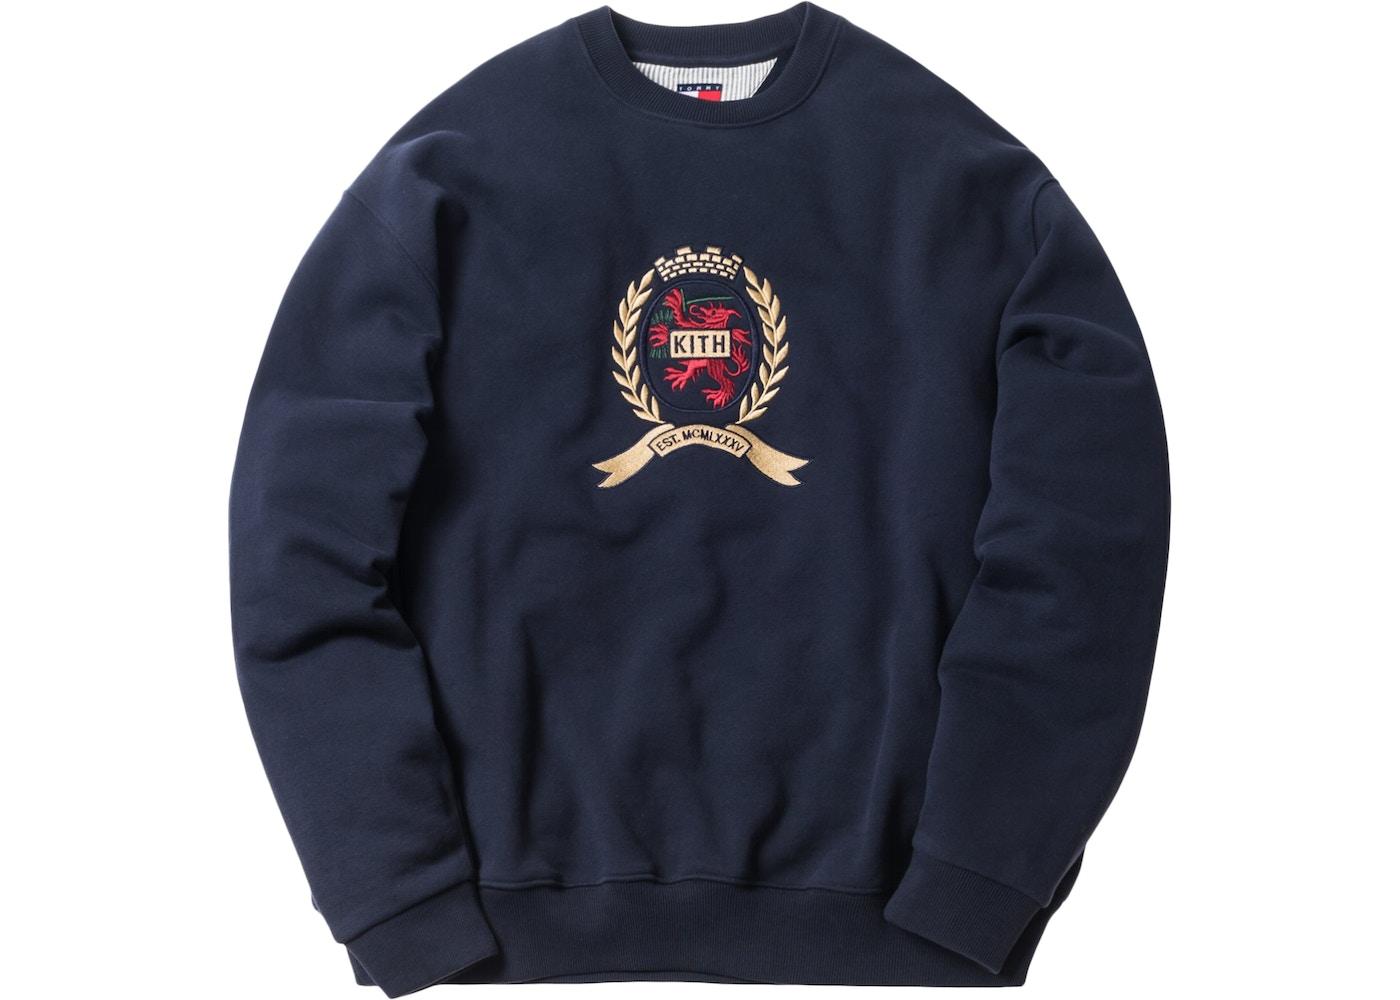 31bad47c Streetwear - Kith Tops/Sweatshirts - Total Sold